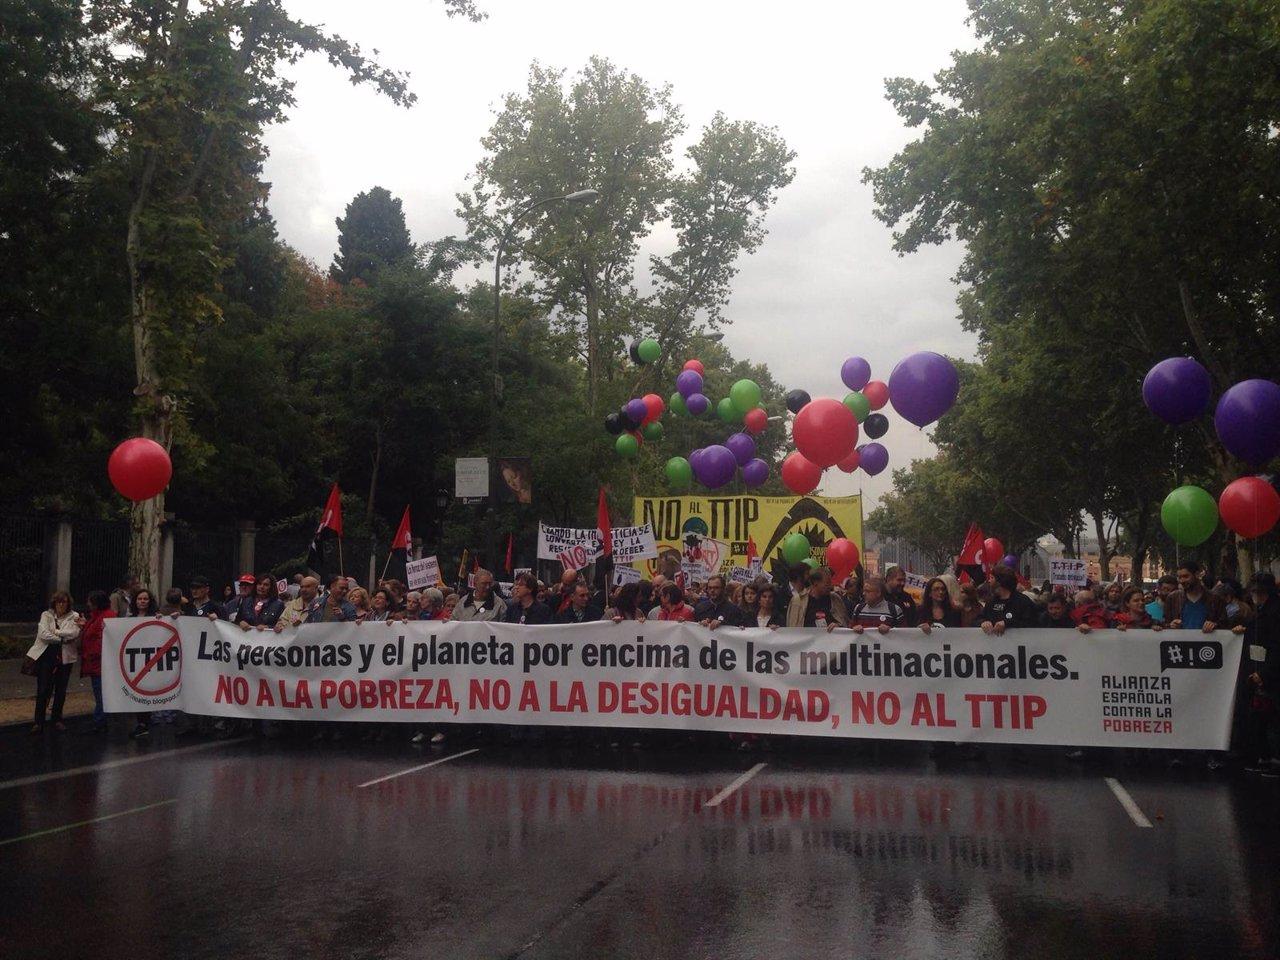 Cabecera de la manifestación contra el TTIP